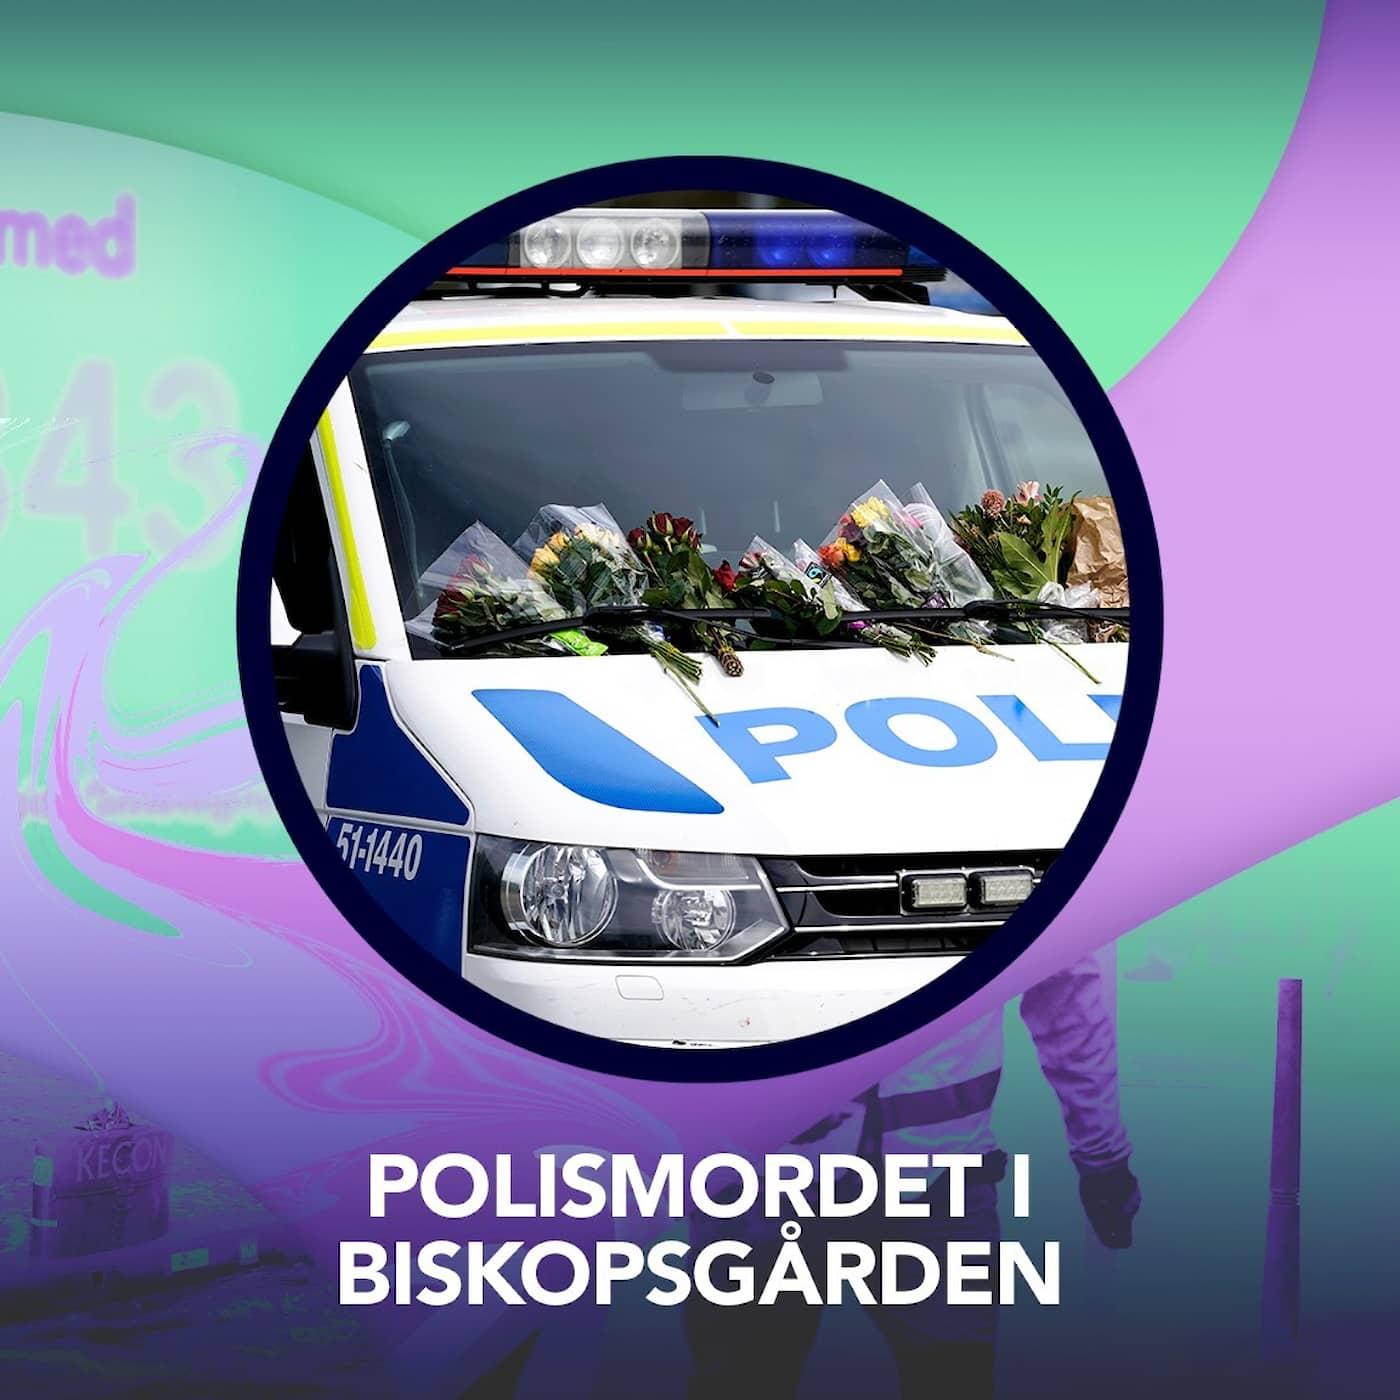 Polismordet i Biskopsgården – P3 Nyheter Dokumentär